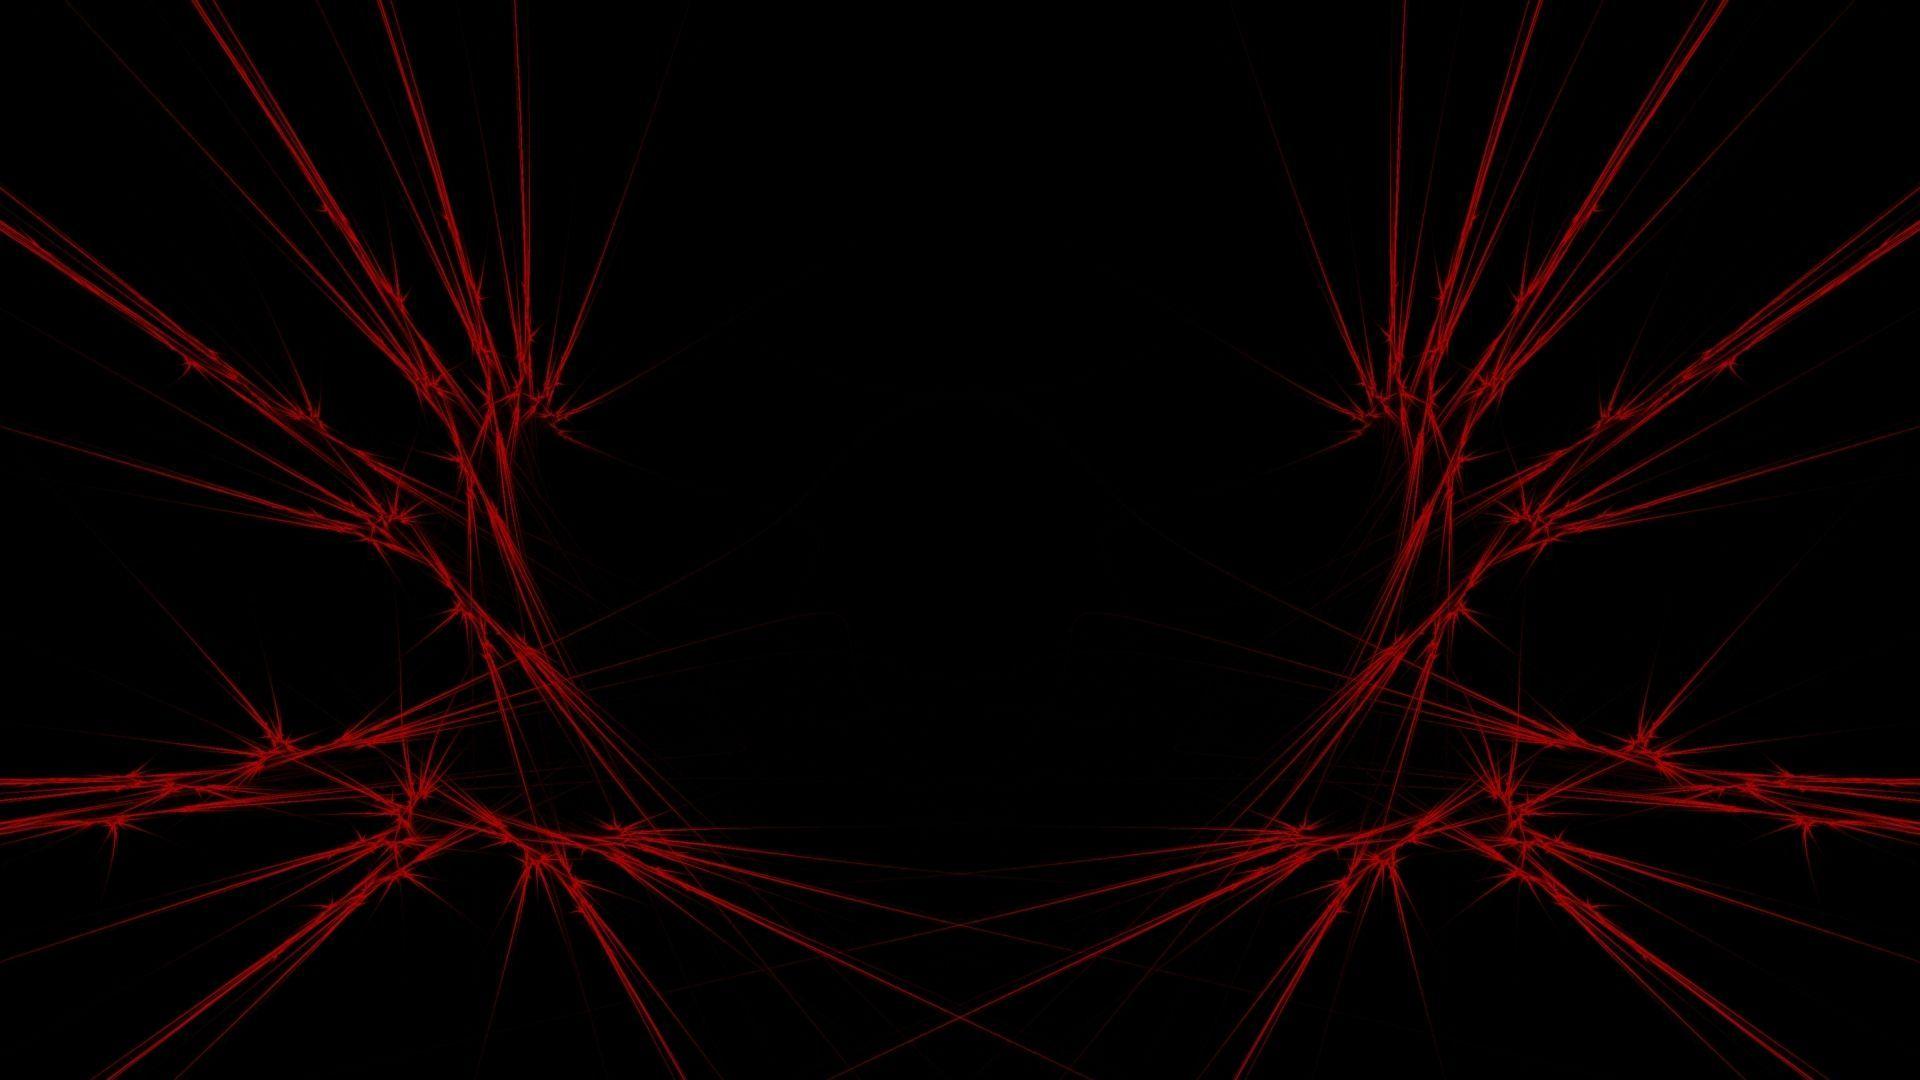 Kırmızı Siyan Arkaplan Resimleri / Red And Black Backgrounds ...